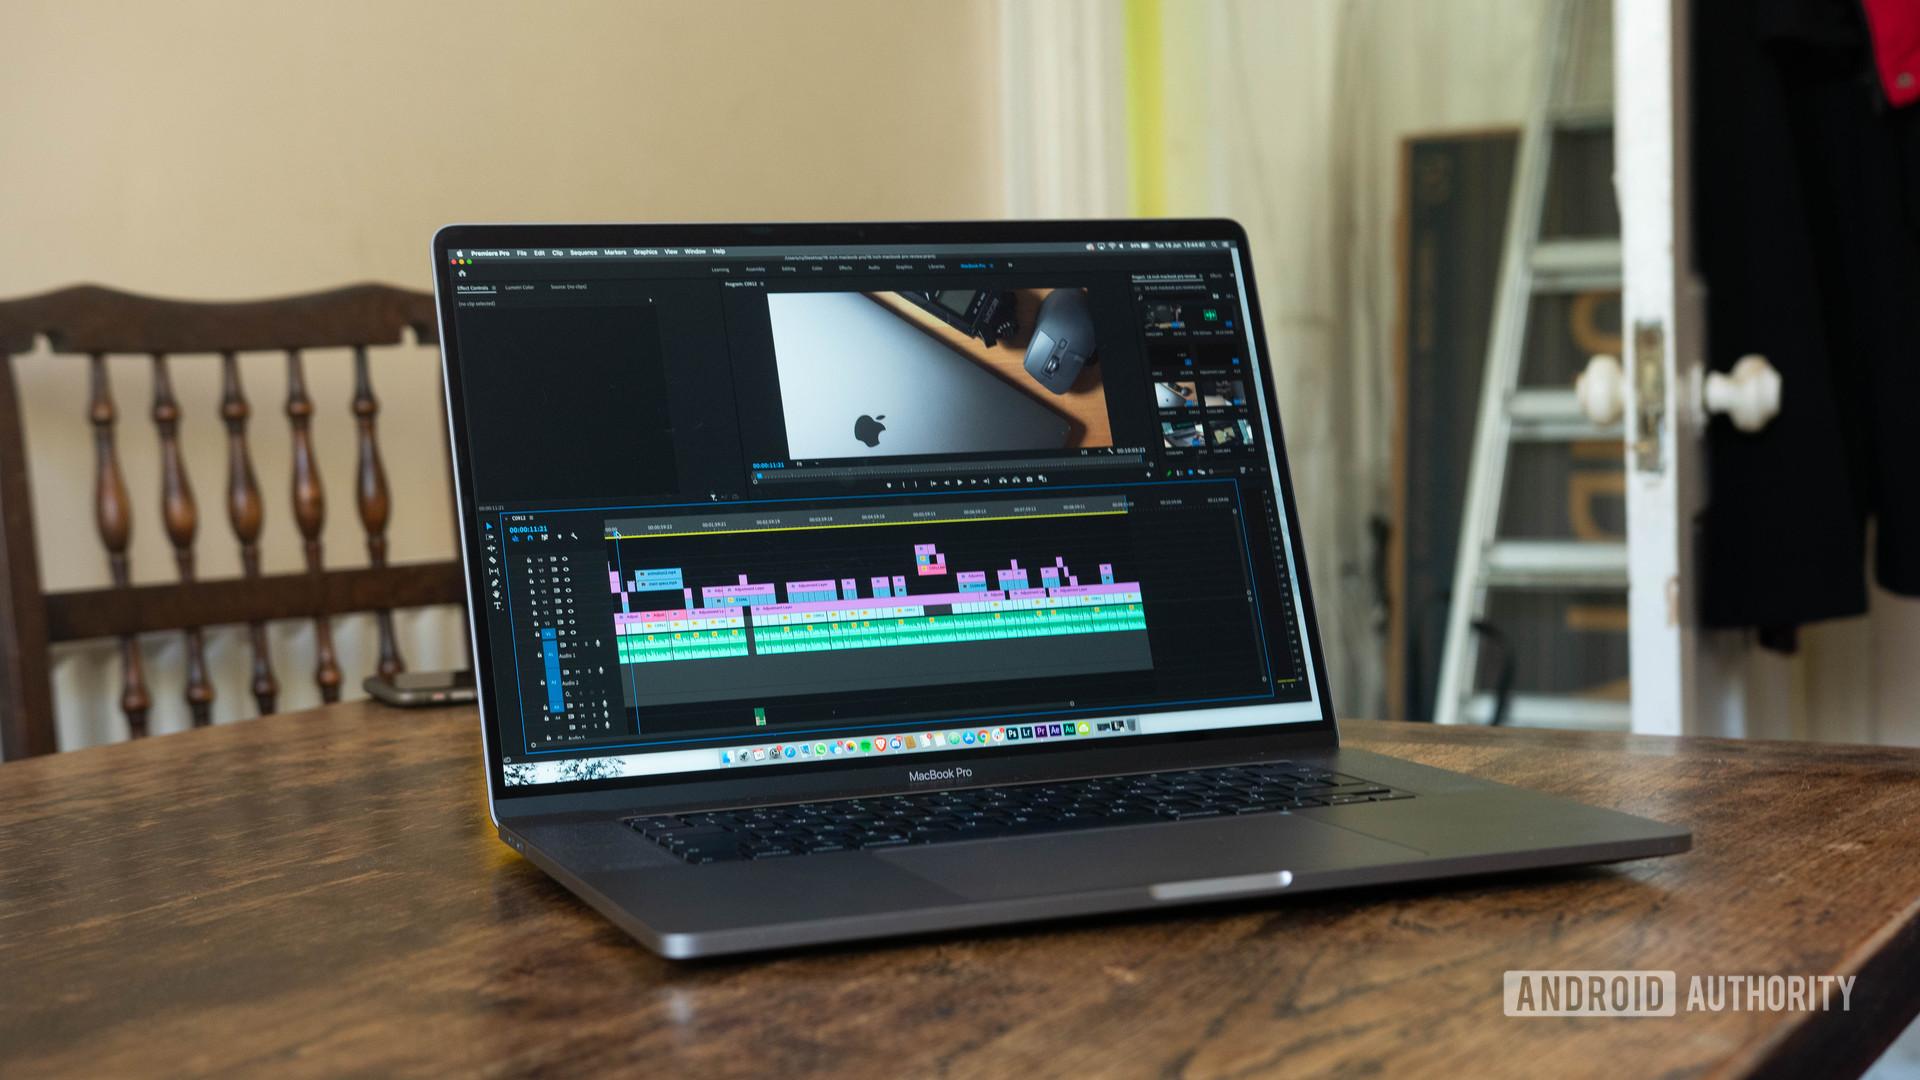 16 inch MacBook Pro Premiere Pro open